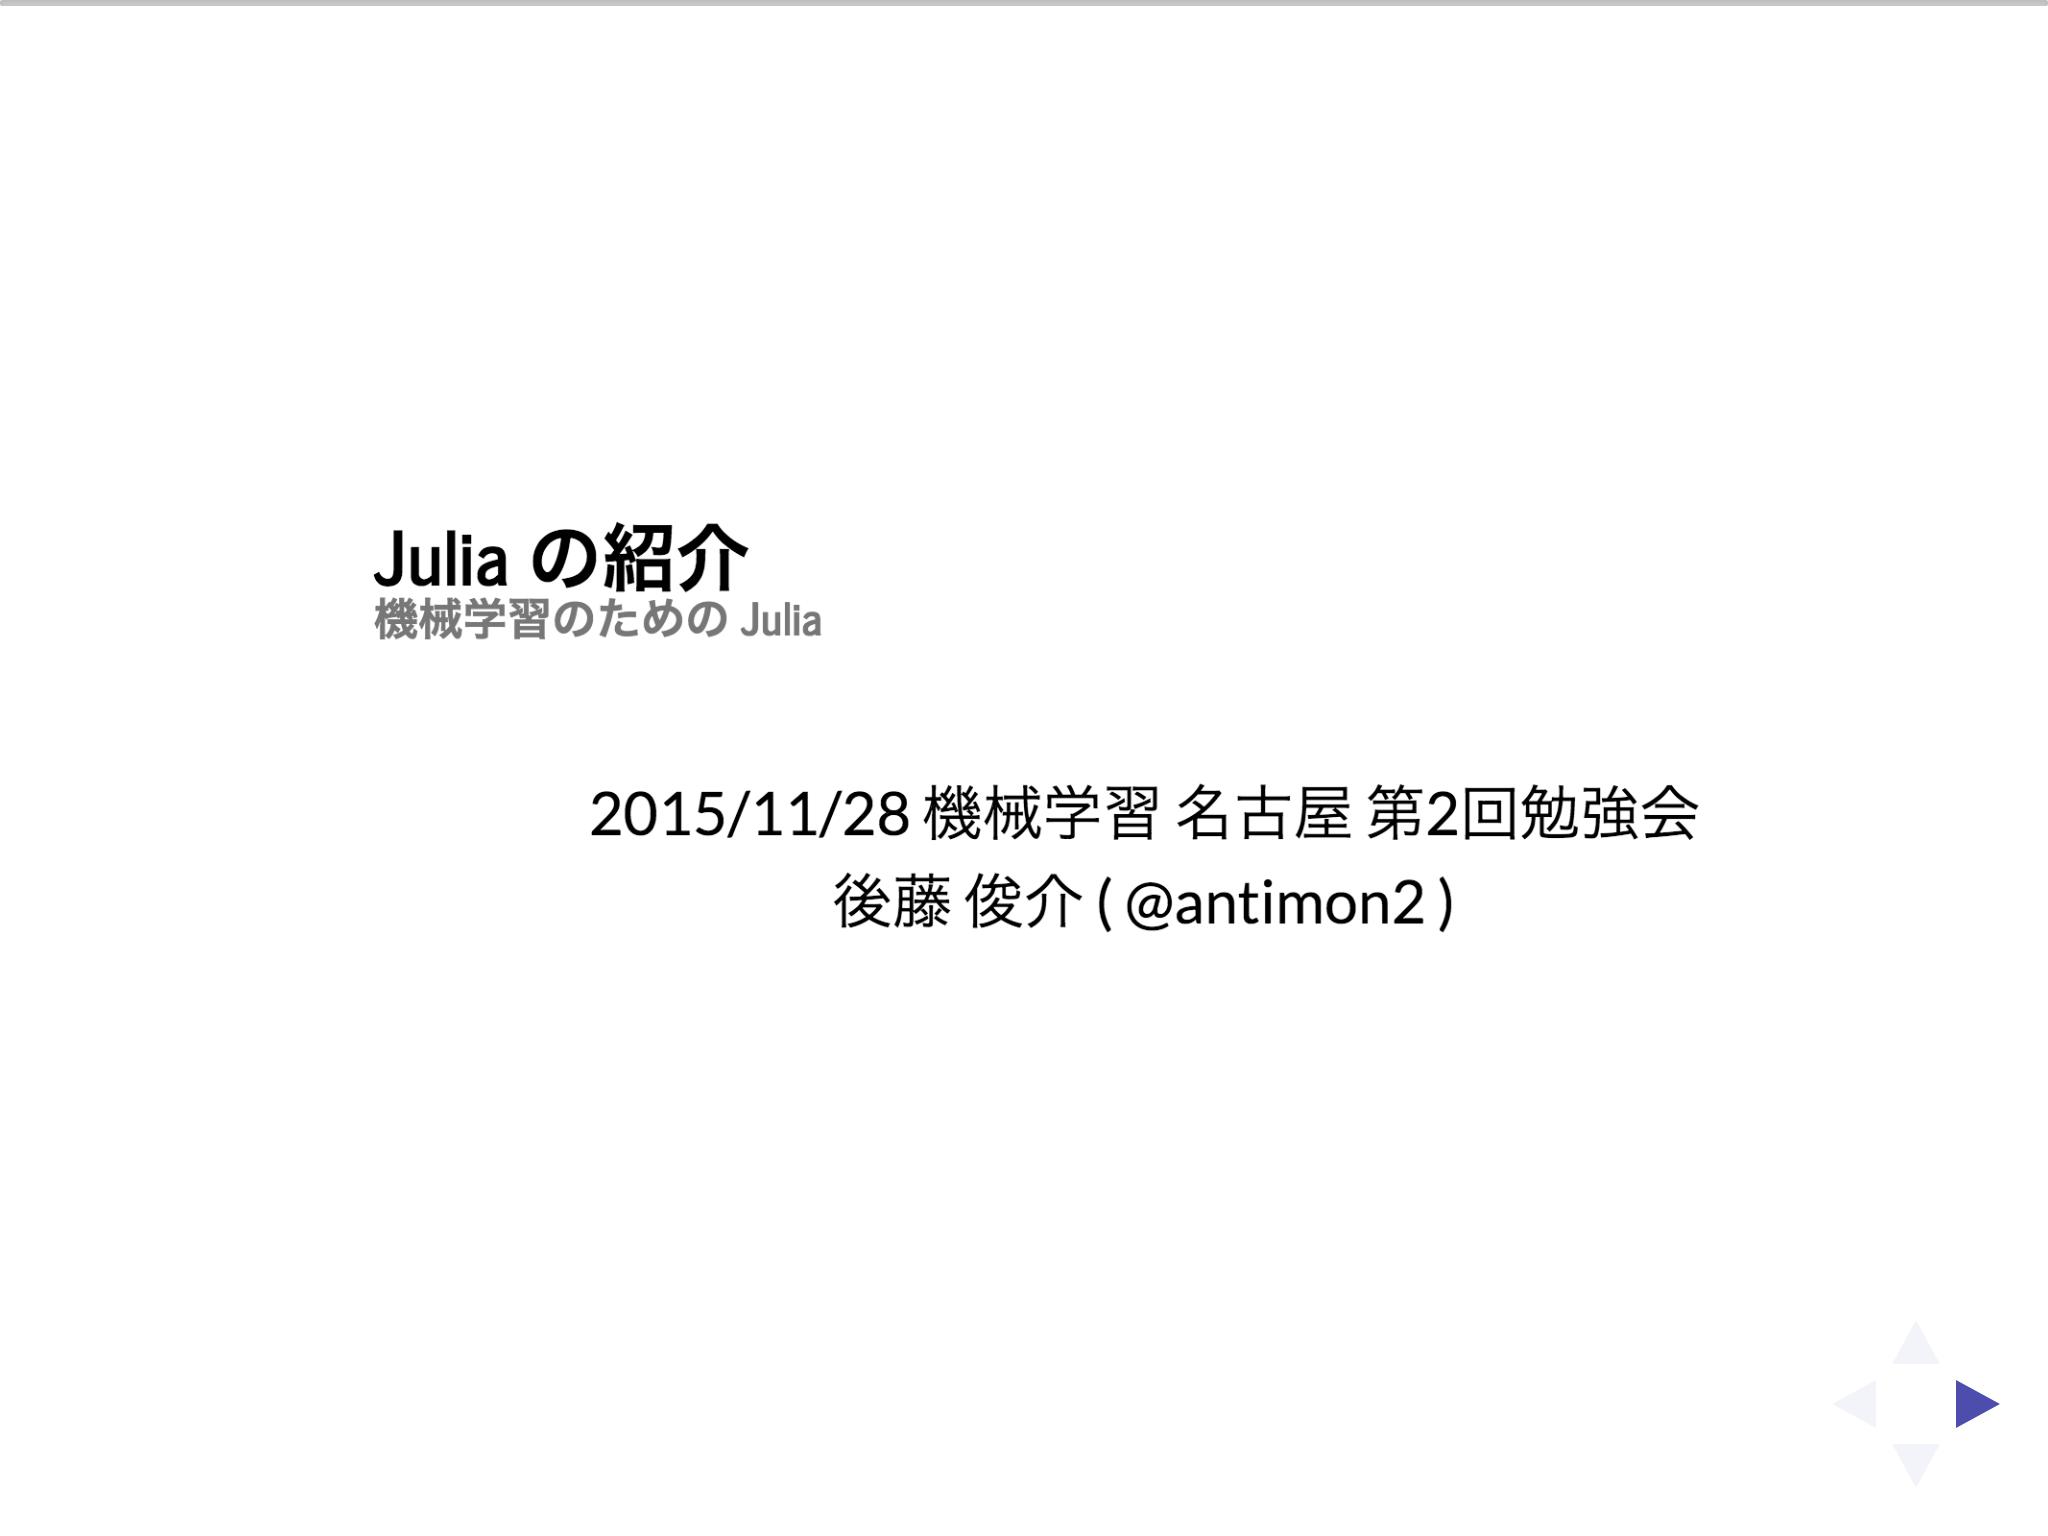 AboutJulia_slides.png